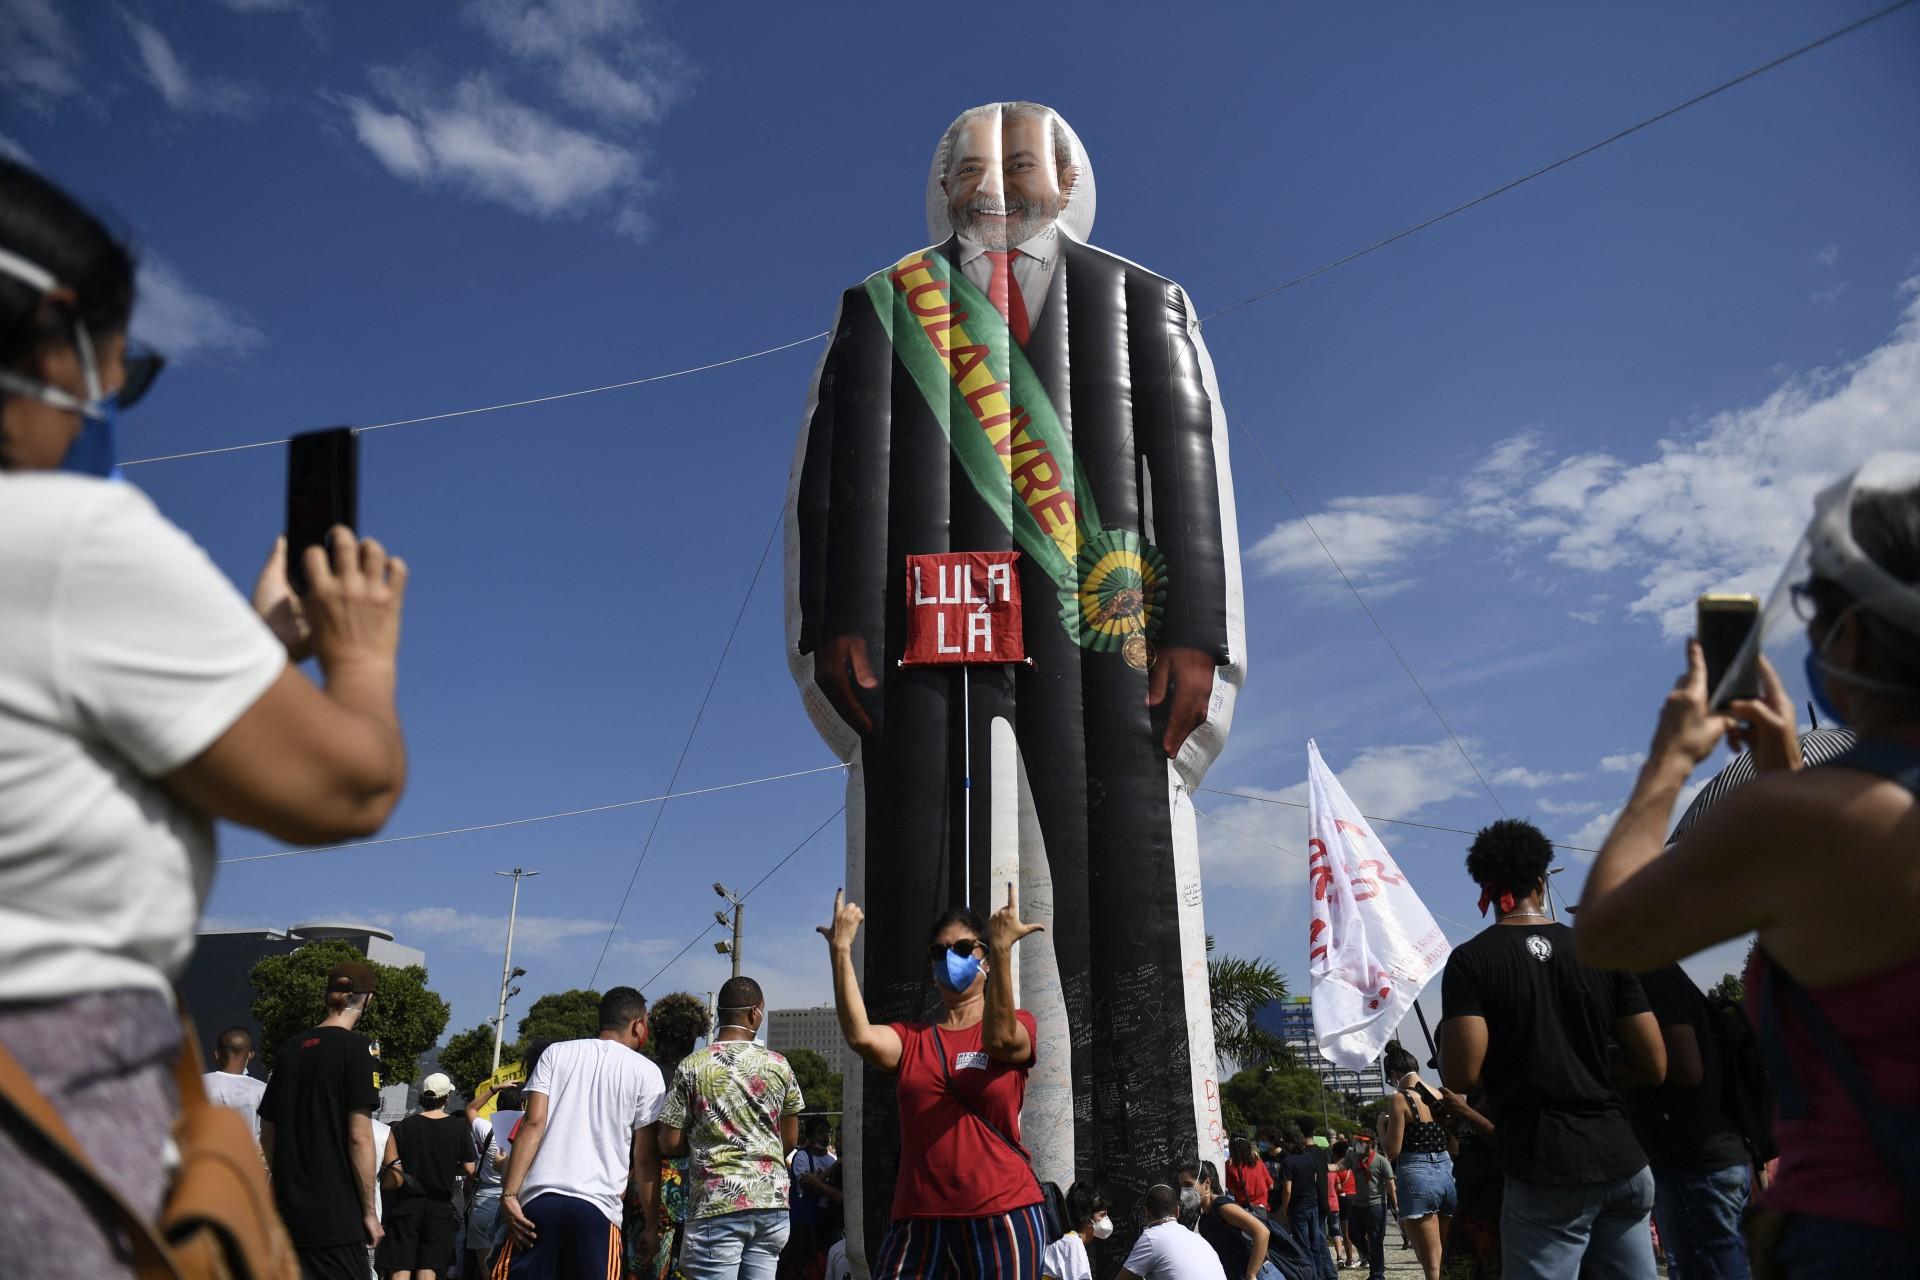 Uma mulher posa para uma foto com um manequim retratando o ex-presidente brasileiro (2003-2011) Luiz Inácio Lula da Silva com uma faixa lendo Lula Livre durante um protesto contra a forma como o presidente Jair Bolsonaro lidou com a pandemia de COVID-19 no centro do Rio de Janeiro, Brasil em 29 de maio de 2021. (Foto: MAURO PIMENTEL / AFP)